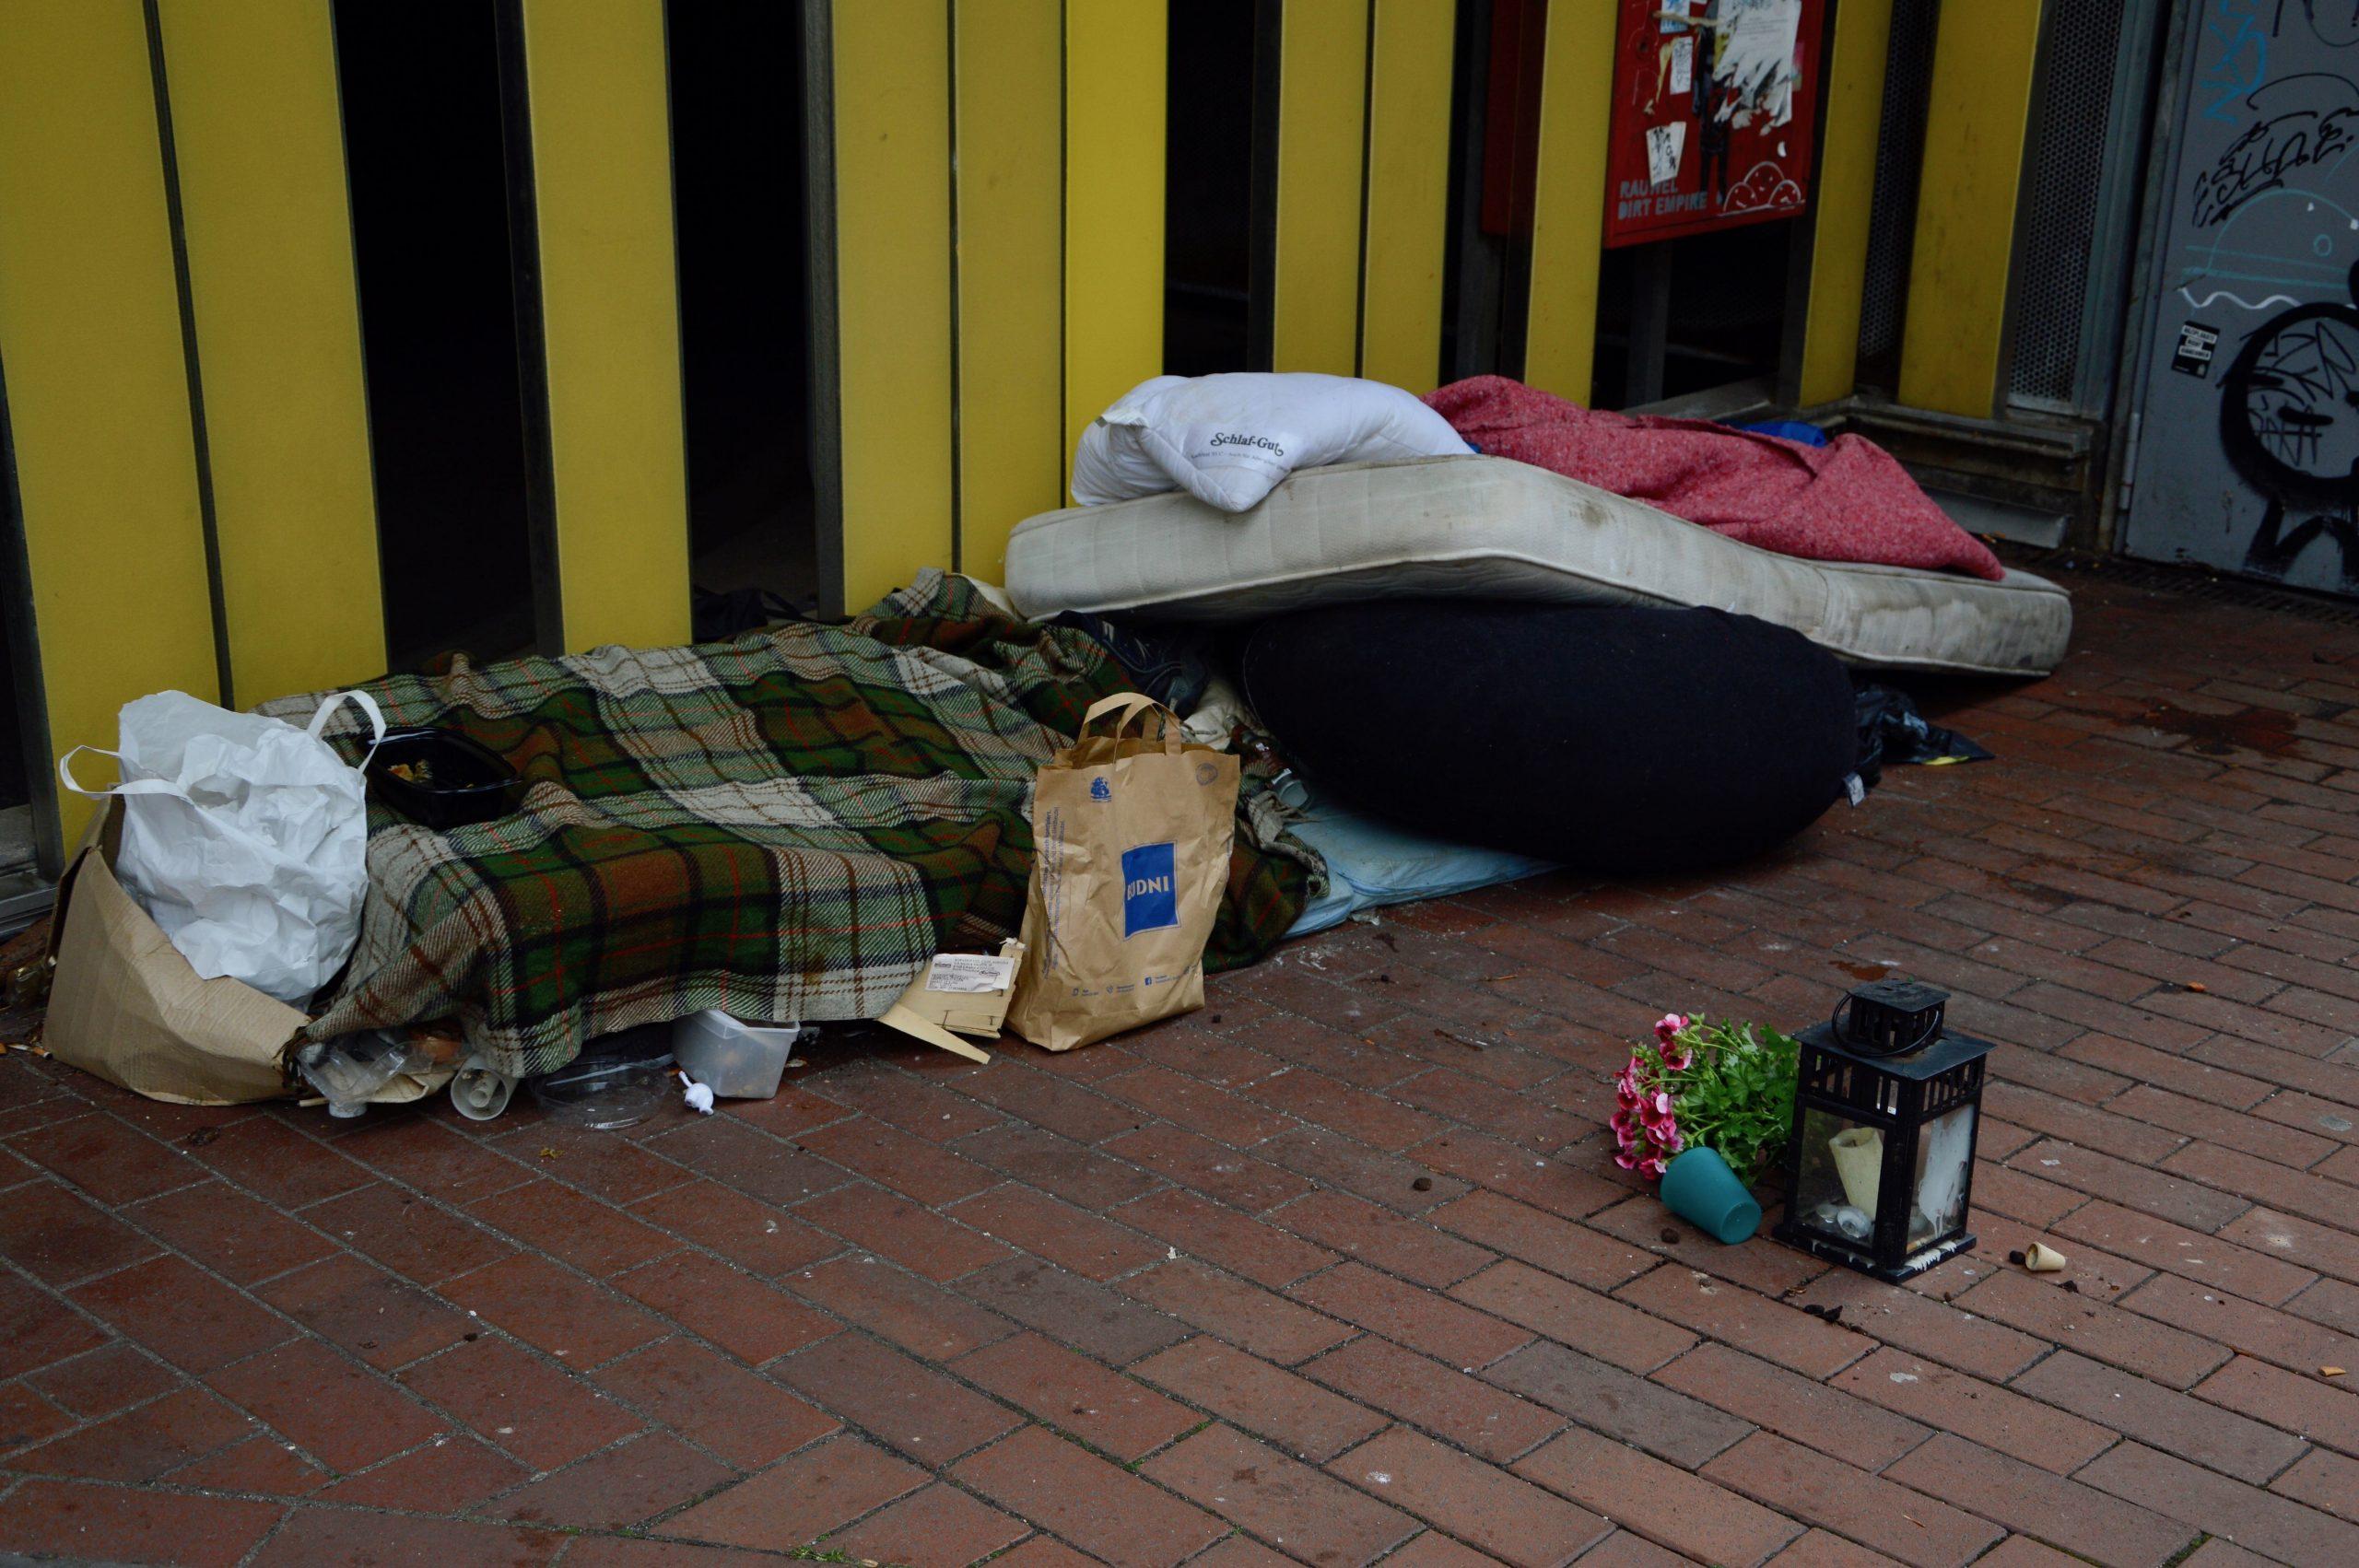 Matratzen und Decken auf der Straße